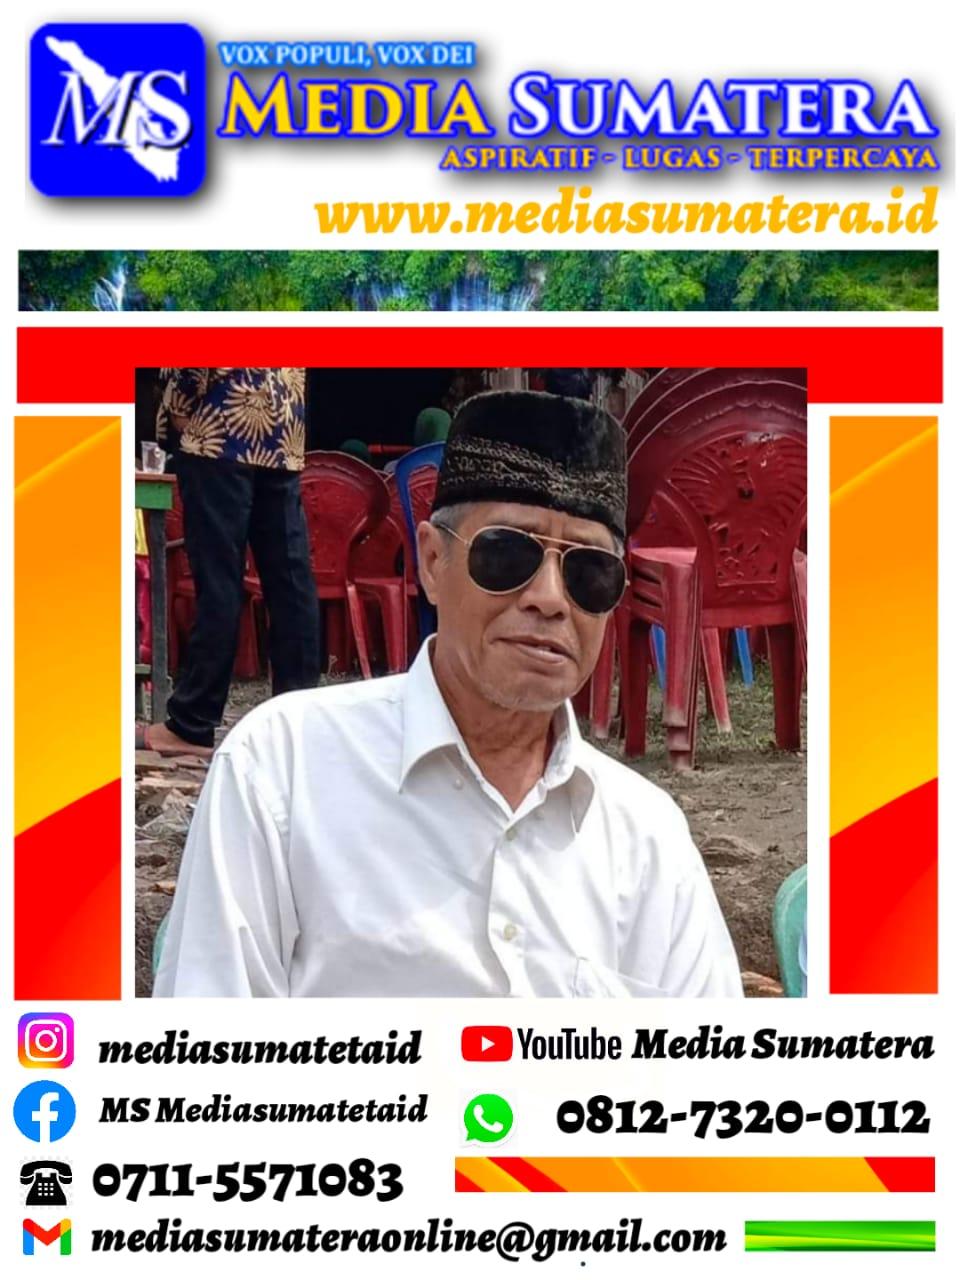 Suharman, Tokoh Masyarakat : Pesta Demokrasi 2022 Balon Kades Desa Tanjung Tambak Baru Kecamatan Tanjung Batu Kabupaten Ogan Ilir Harus Yang Berkompeten